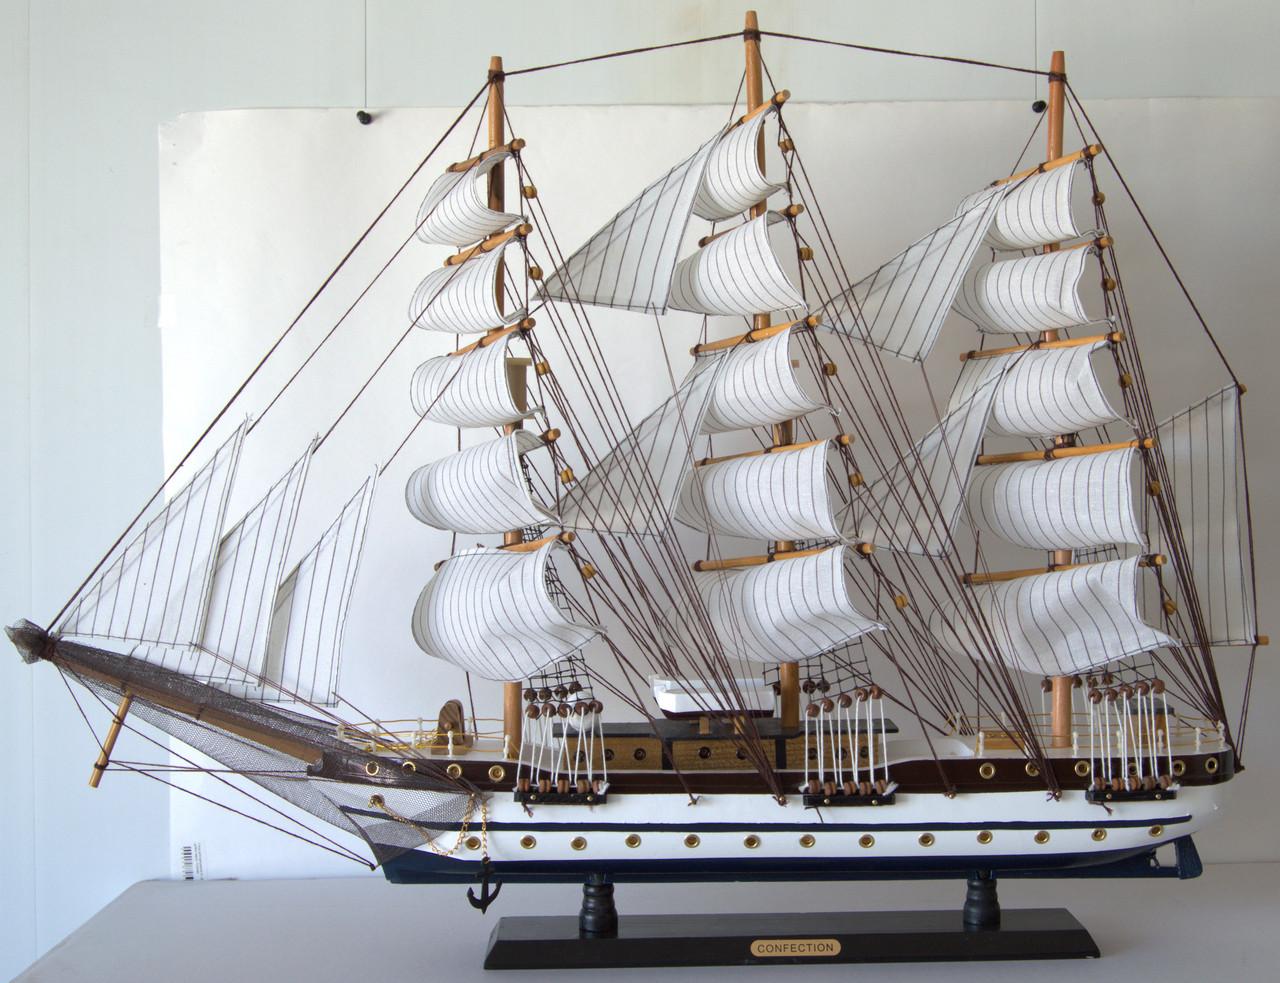 Парусник сувенирный, деревянный 78*11*59 см(высота) FJ8003. Одесса